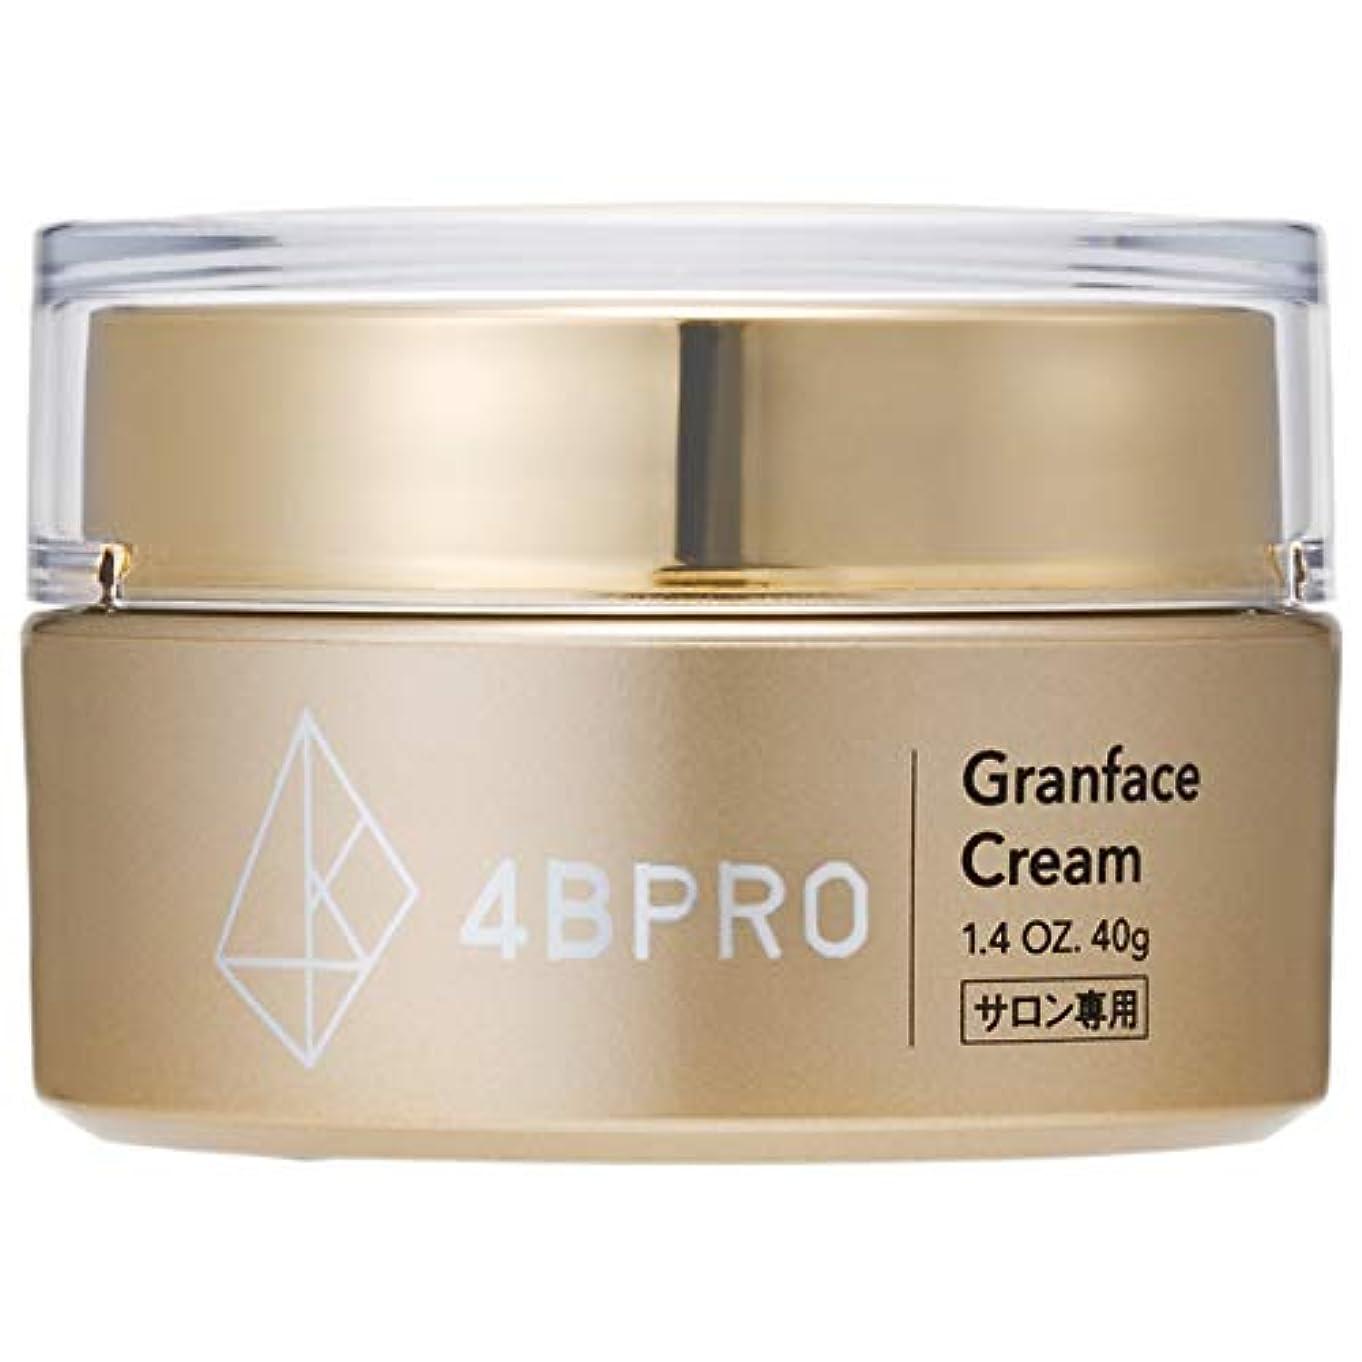 高音洗剤の中で4BPRO GranFace Cream(フォービープロ グランフェイスクリーム)フェイスクリーム 高浸透型ヒアルロン酸、抗炎症、抗酸化、美白美容成分配合 40g